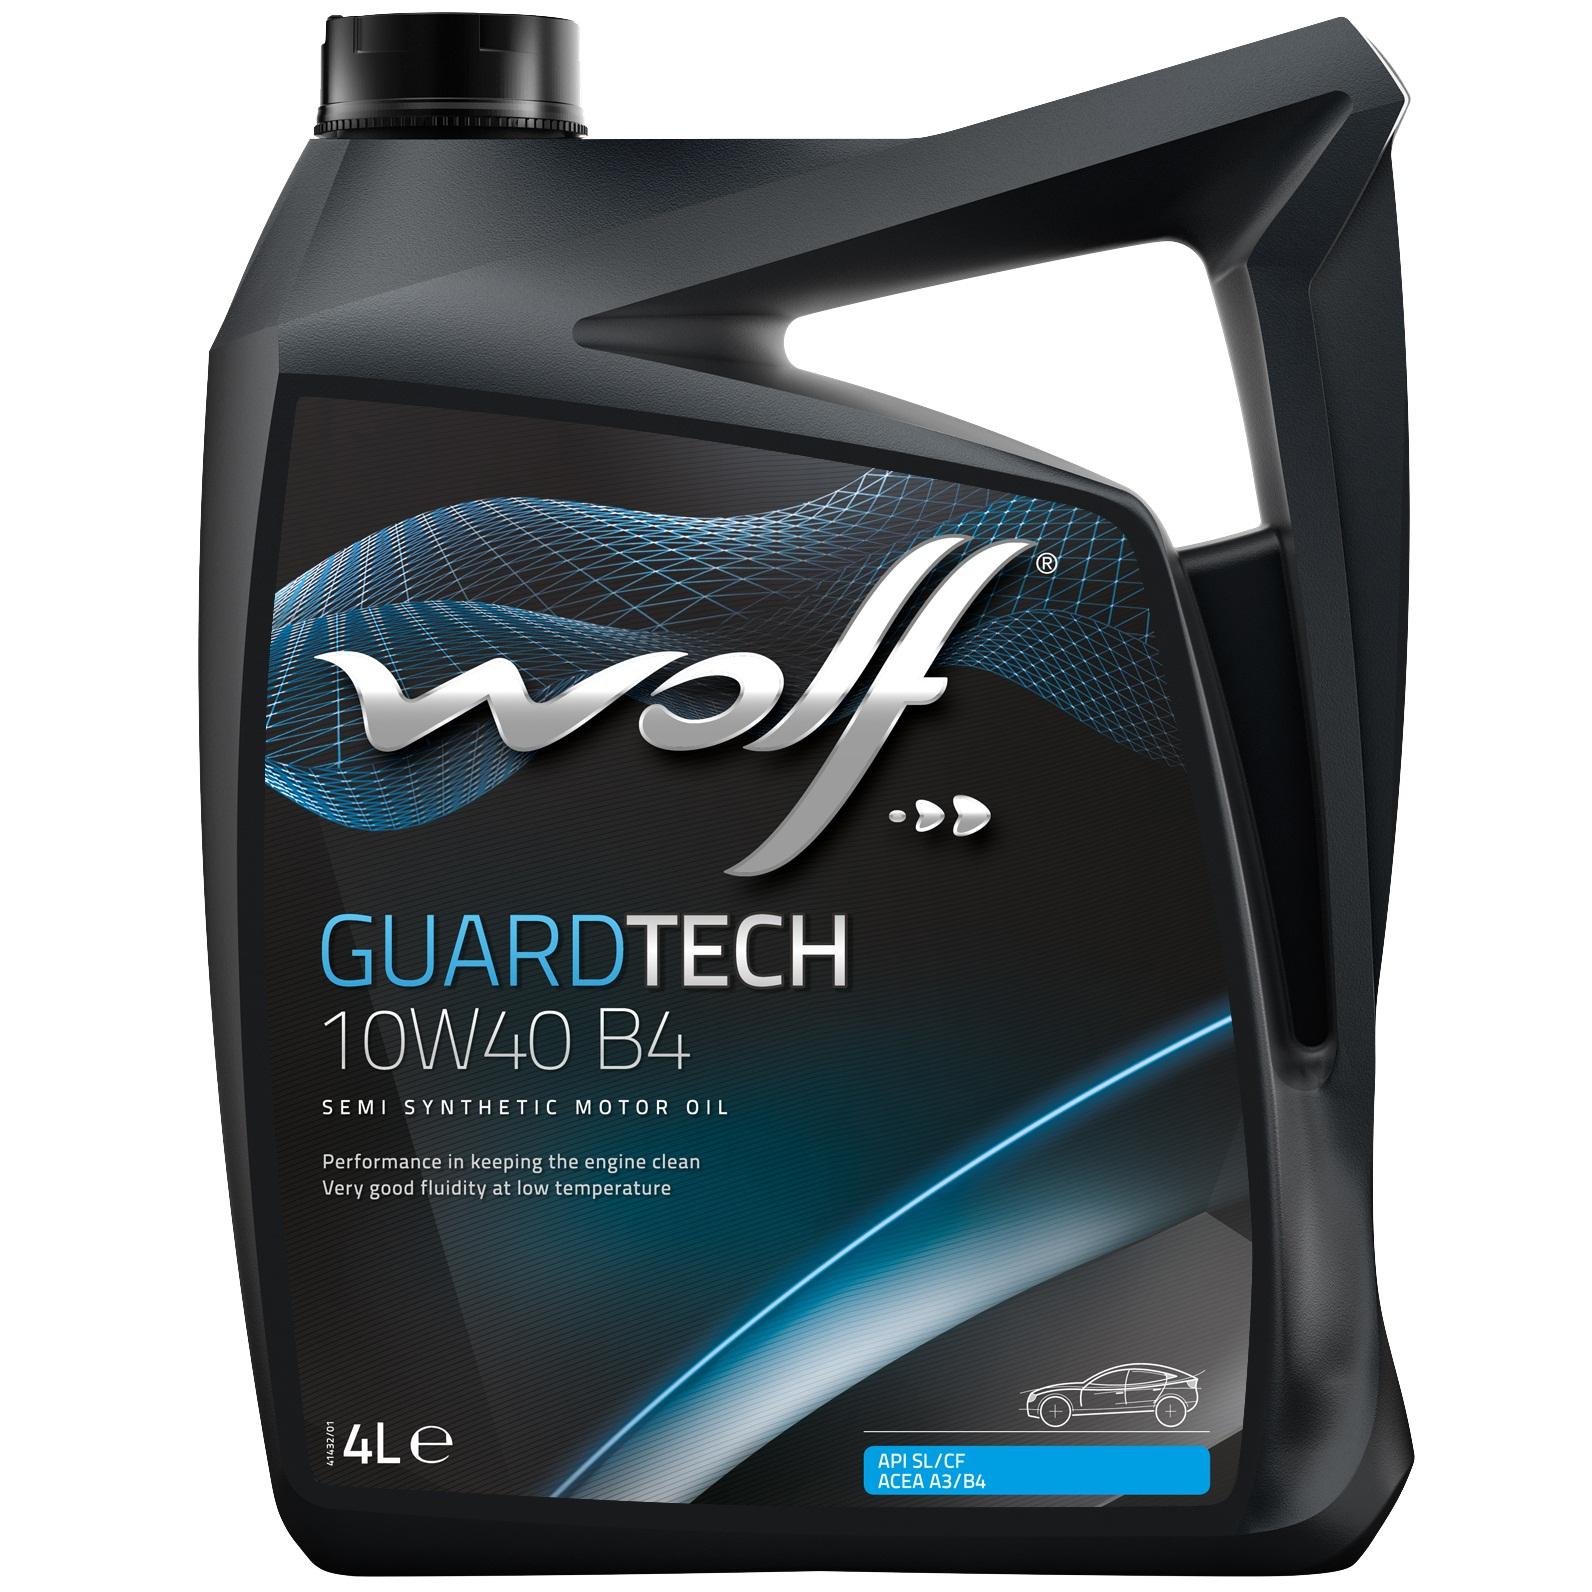 ULEI MOTOR WOLF GUARDTECH B4 10W40 4L